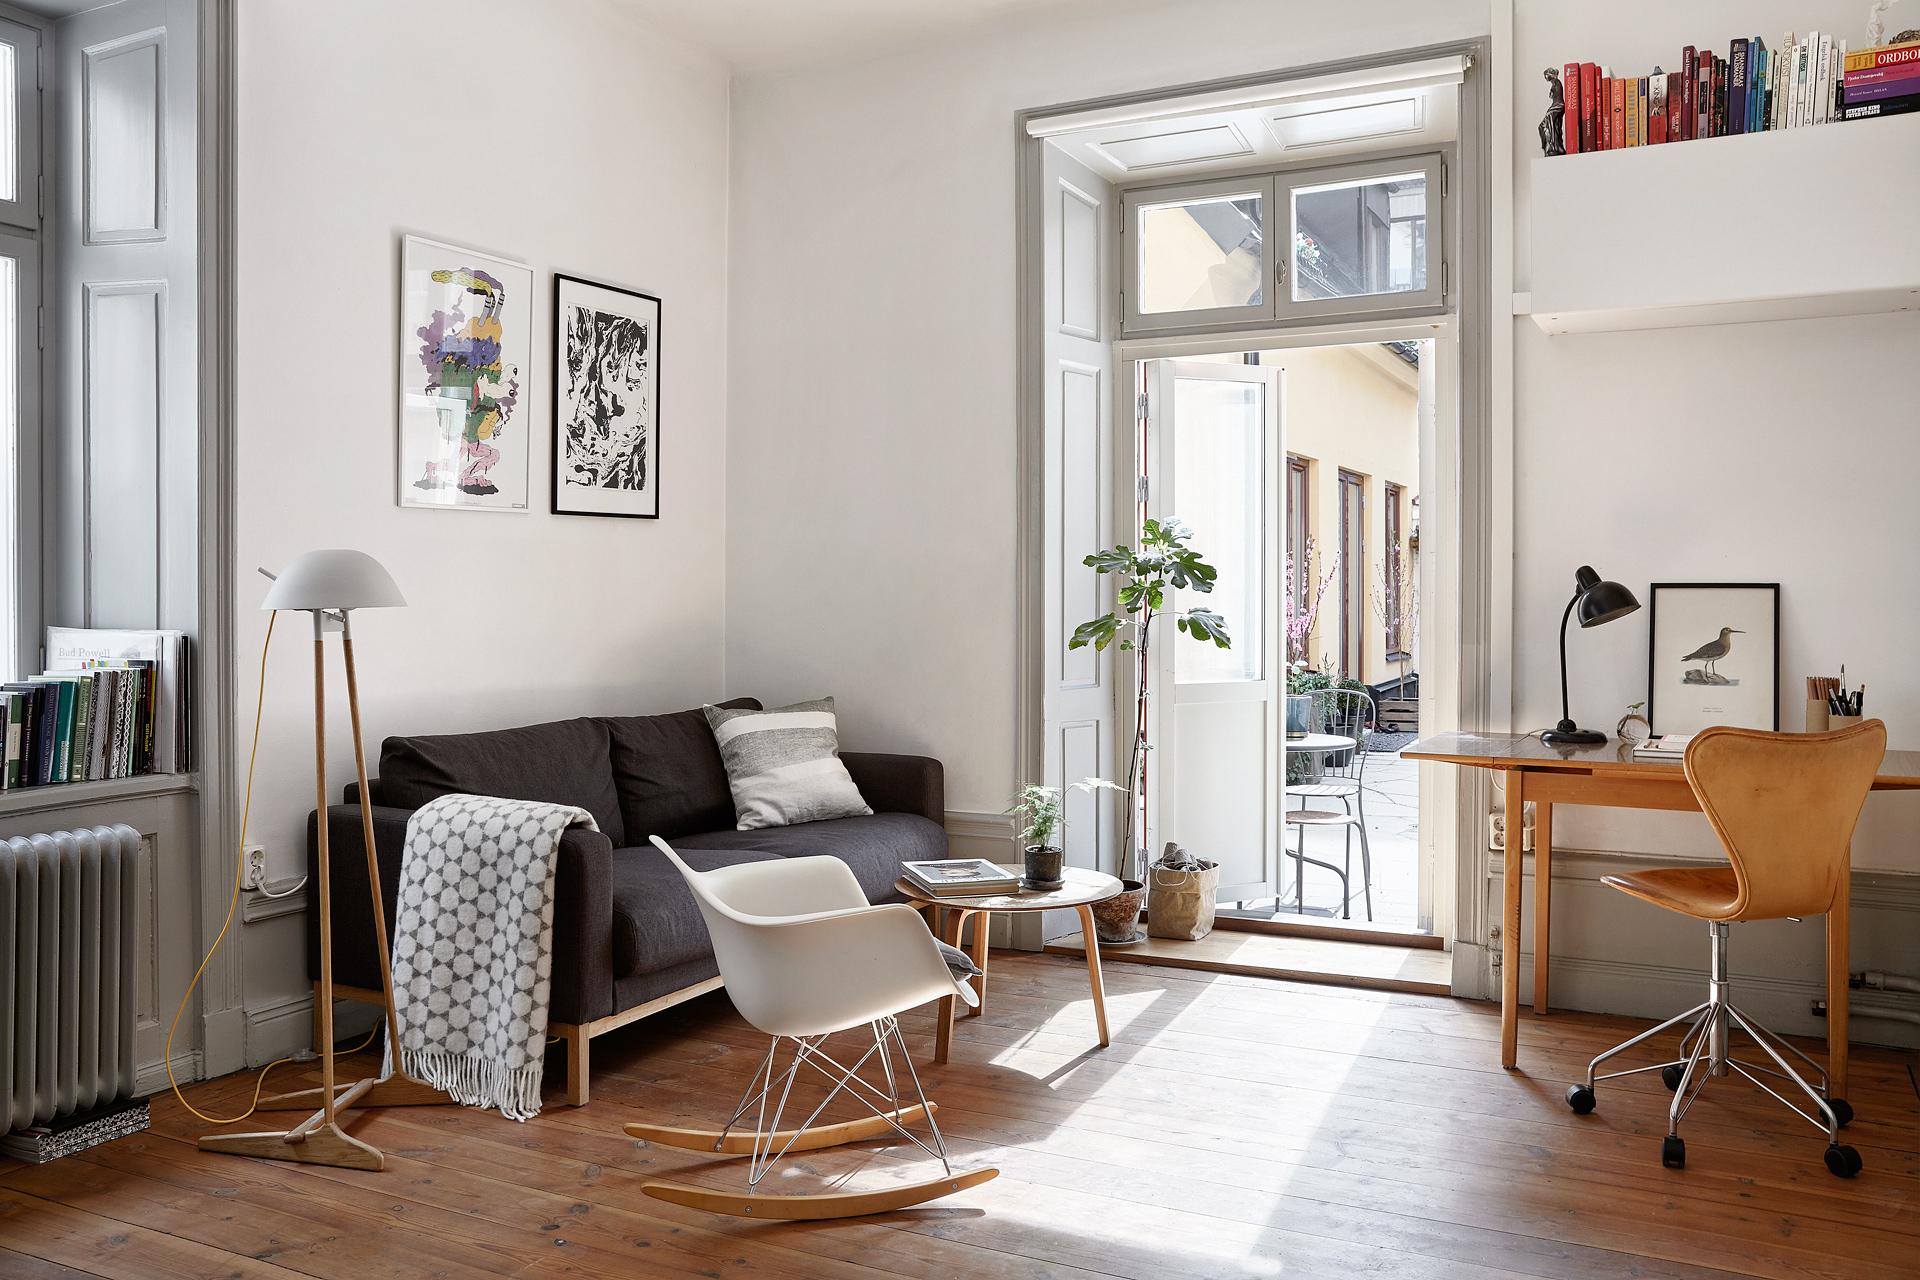 Eames Style Rocking Chair Zelfaanhetwerk